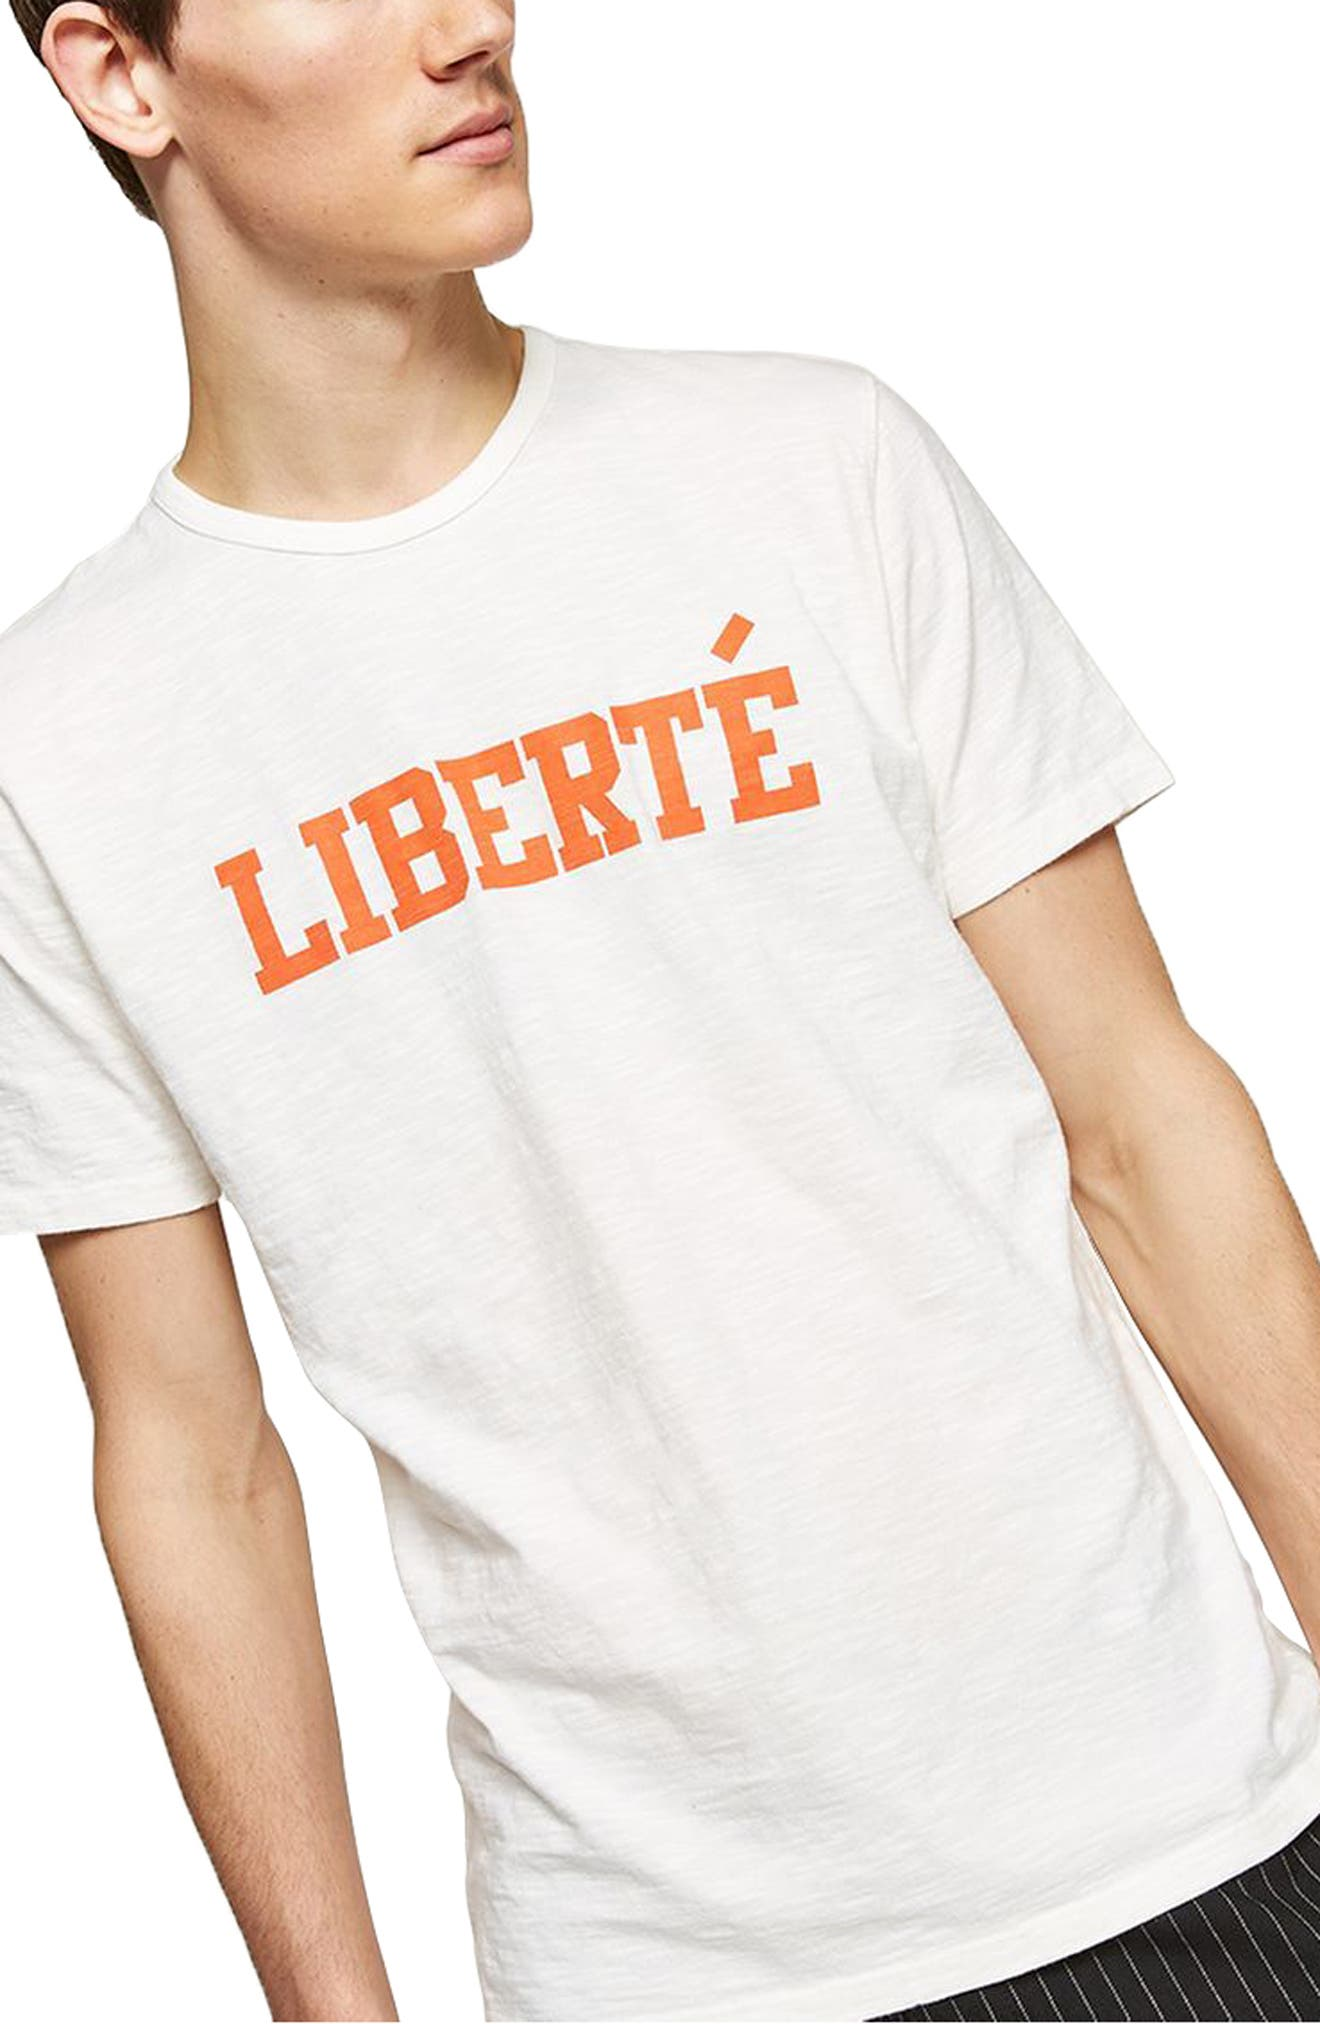 Liberté Graphic T-Shirt,                             Main thumbnail 1, color,                             100